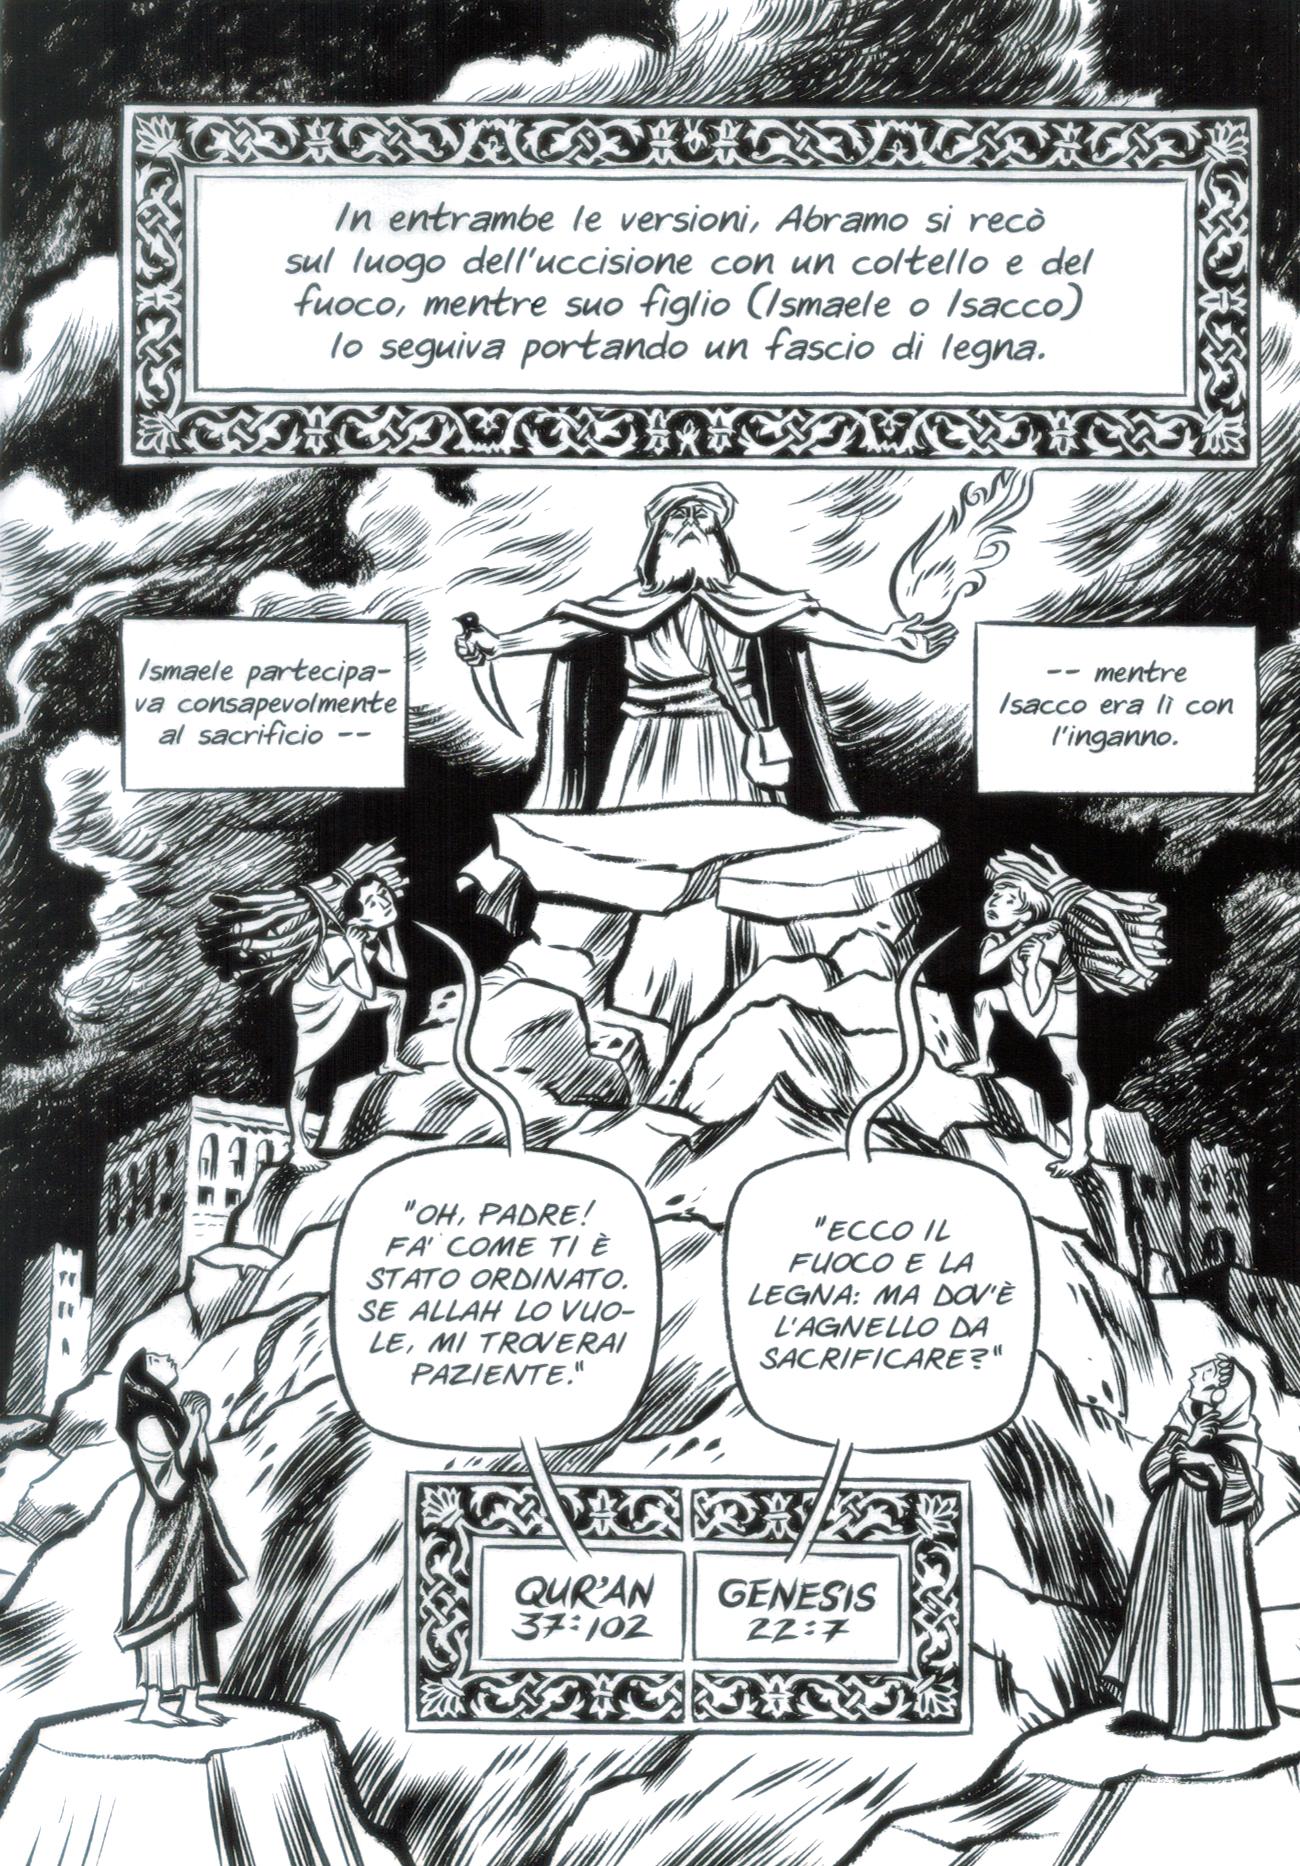 17 - Les comics que vous lisez en ce moment - Page 3 Habibi1